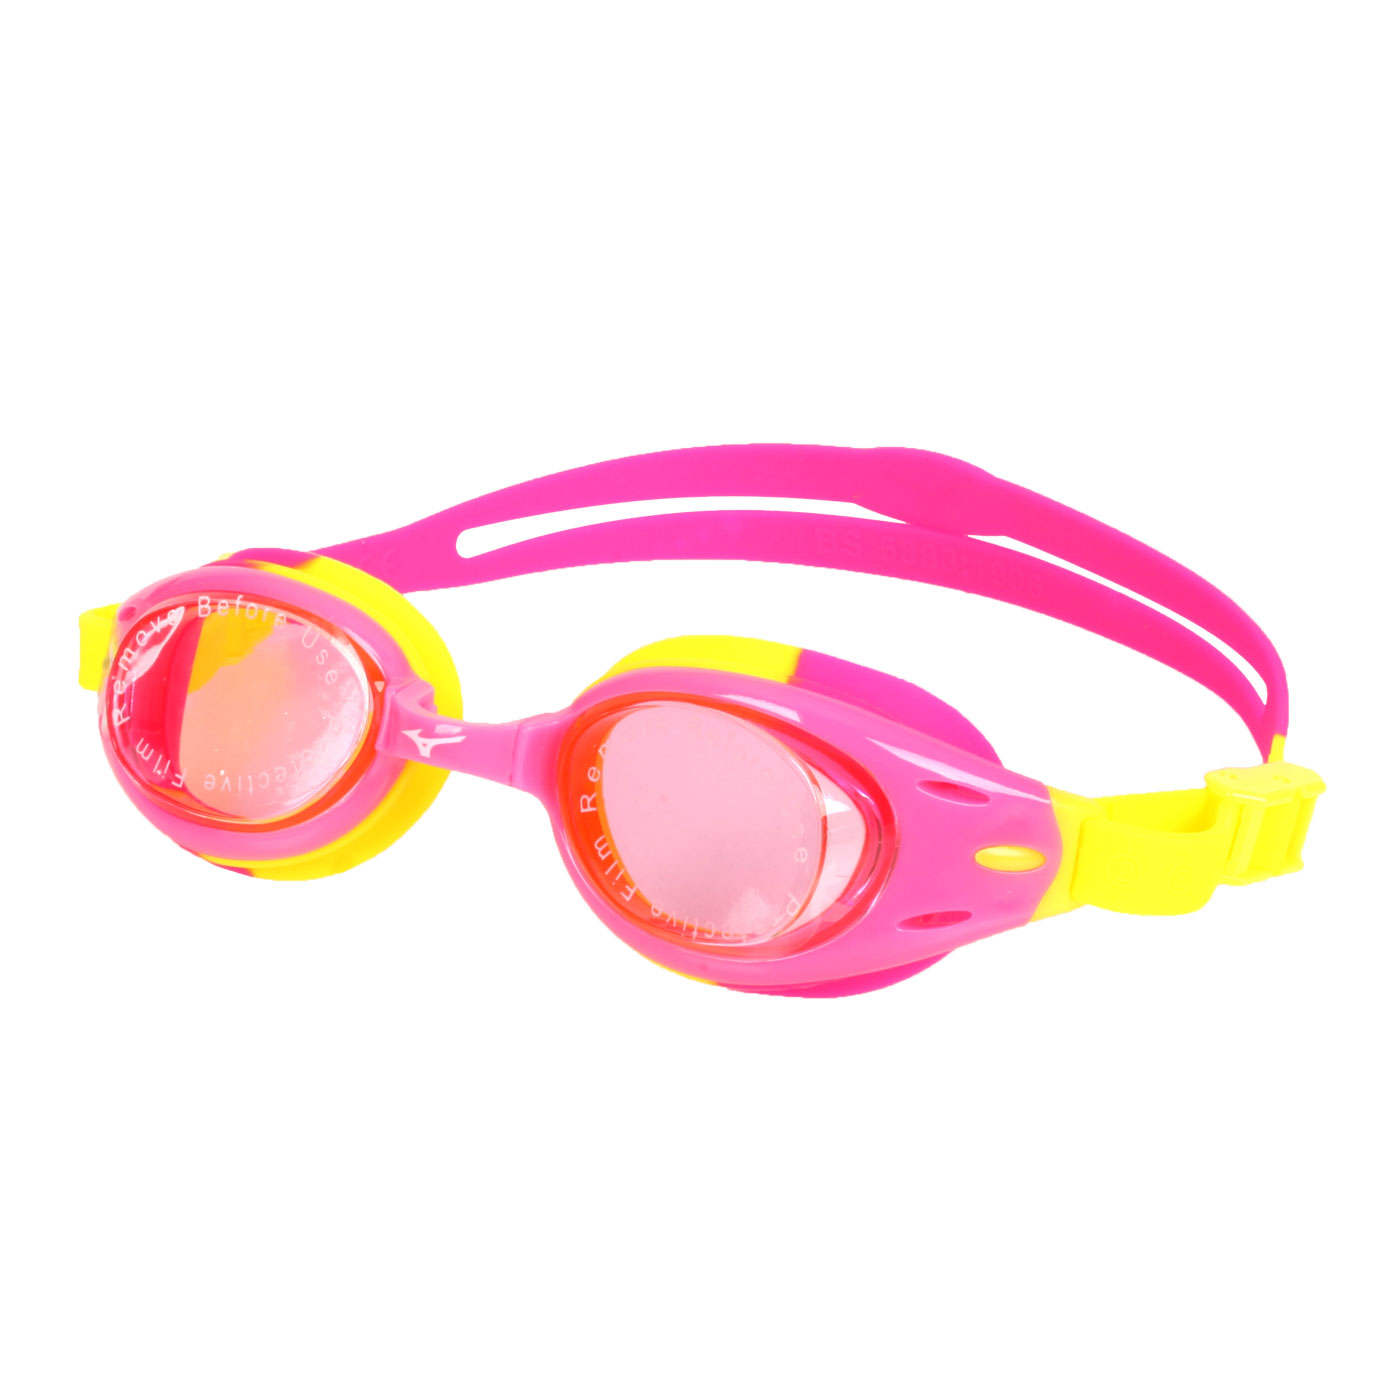 MIZUNO 兒童泳鏡  SWIMN3TF105000-64 - 桃紅黃